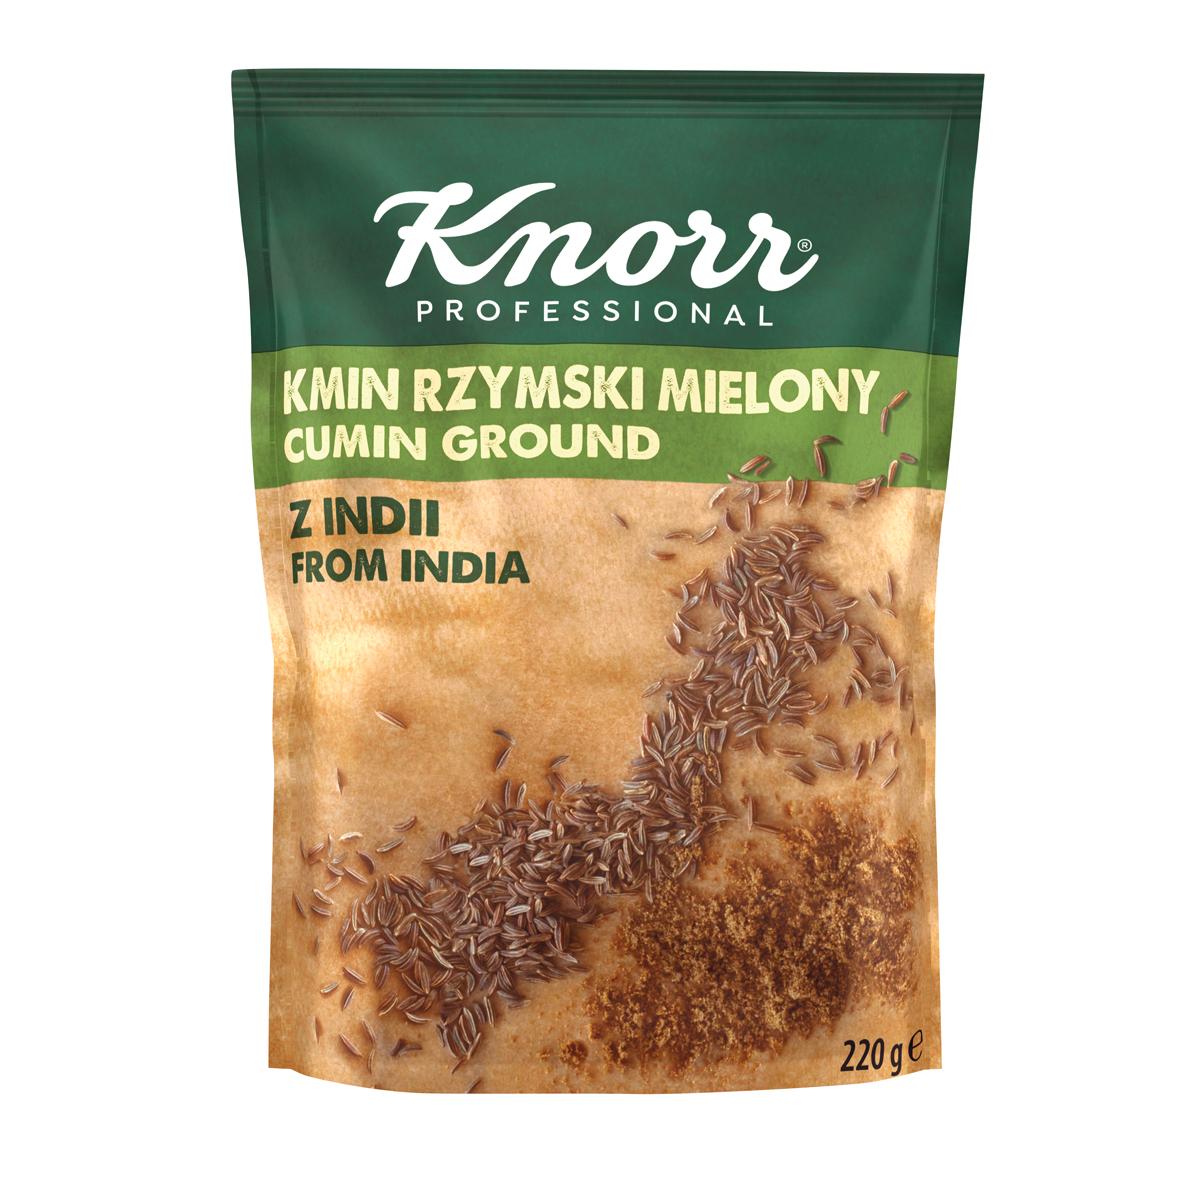 """KNORR Кимион - """"В ежедневието си използвам разнообразие от билки и подправки, затова е важно те да имат автентичен вкус"""""""